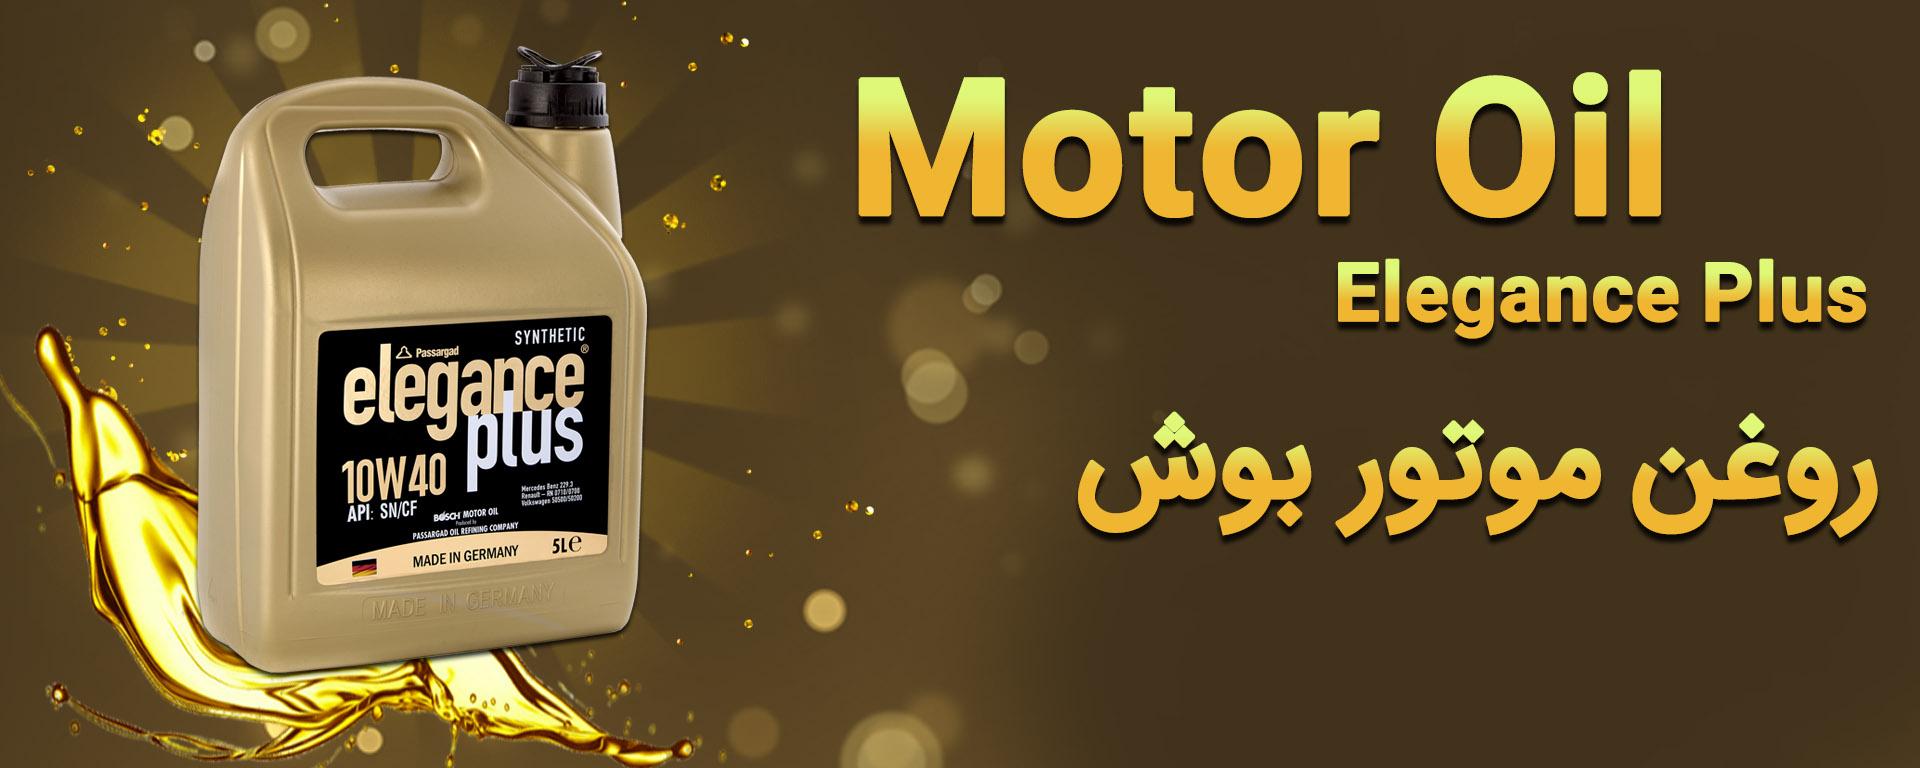 motor oil banner